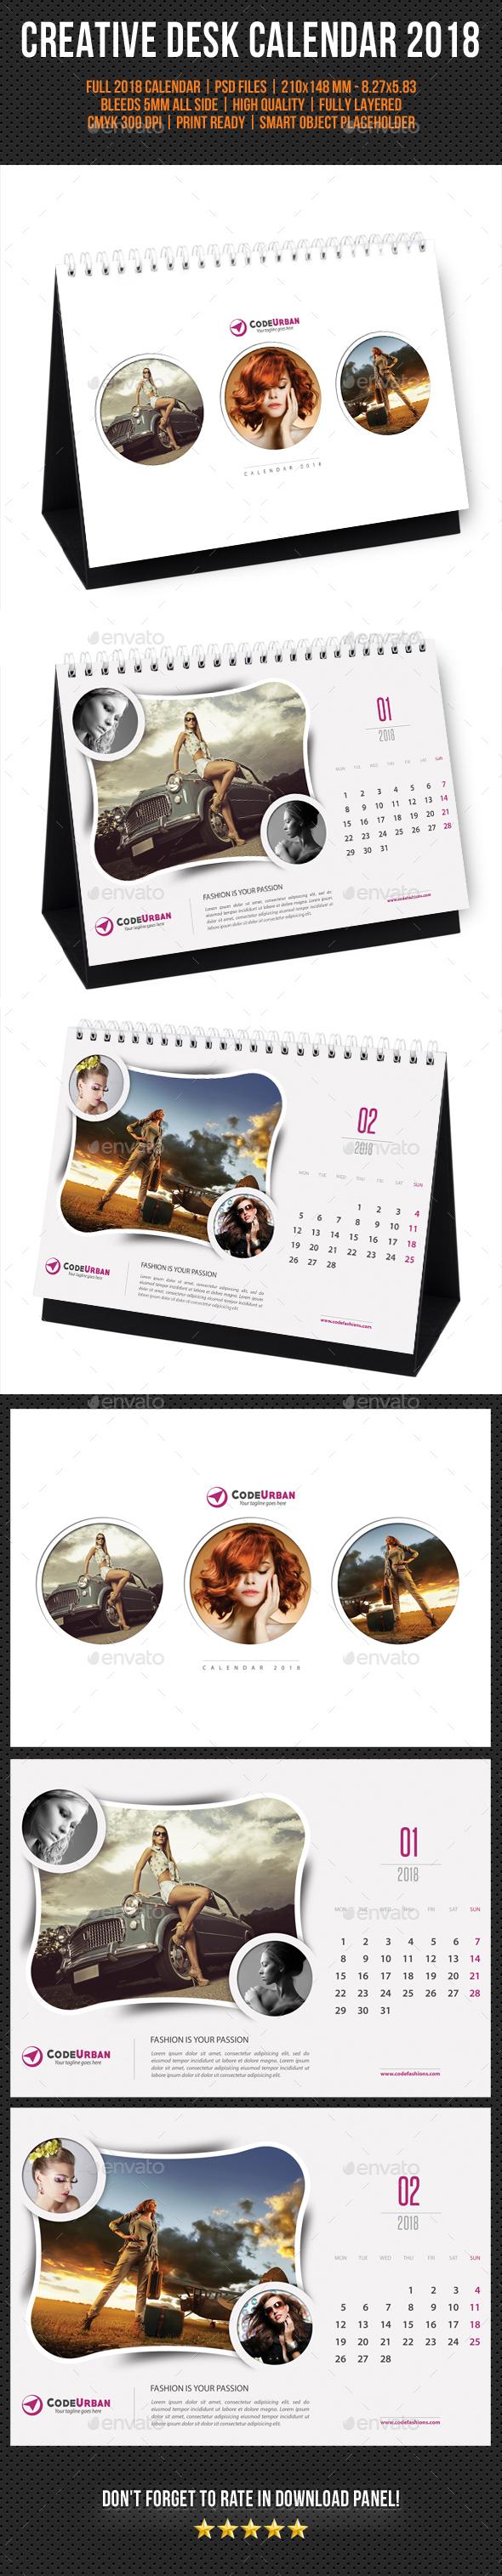 Creative Desk Calendar 2018 V07 - Calendars Stationery